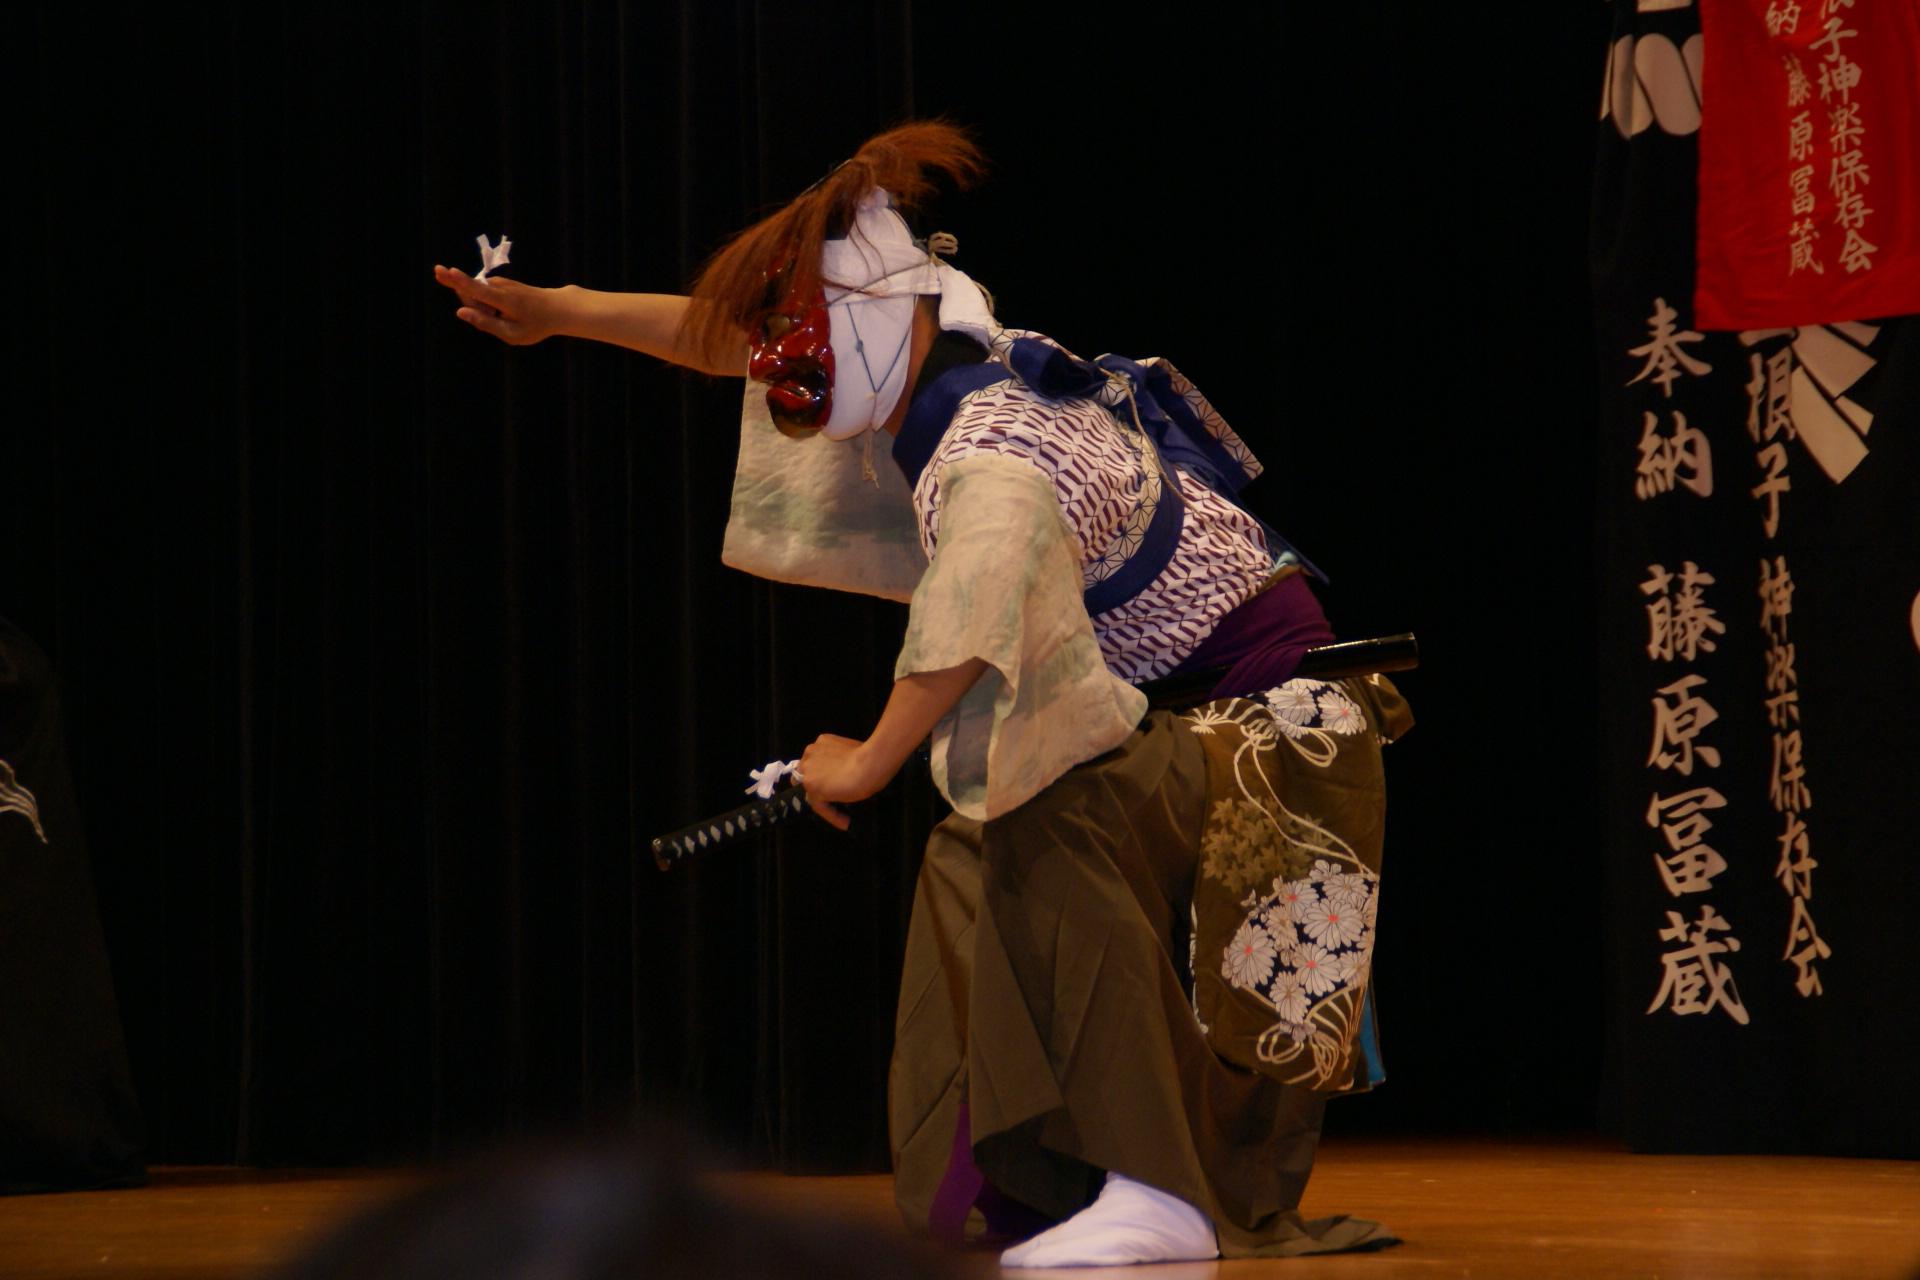 平賀大さんの演舞